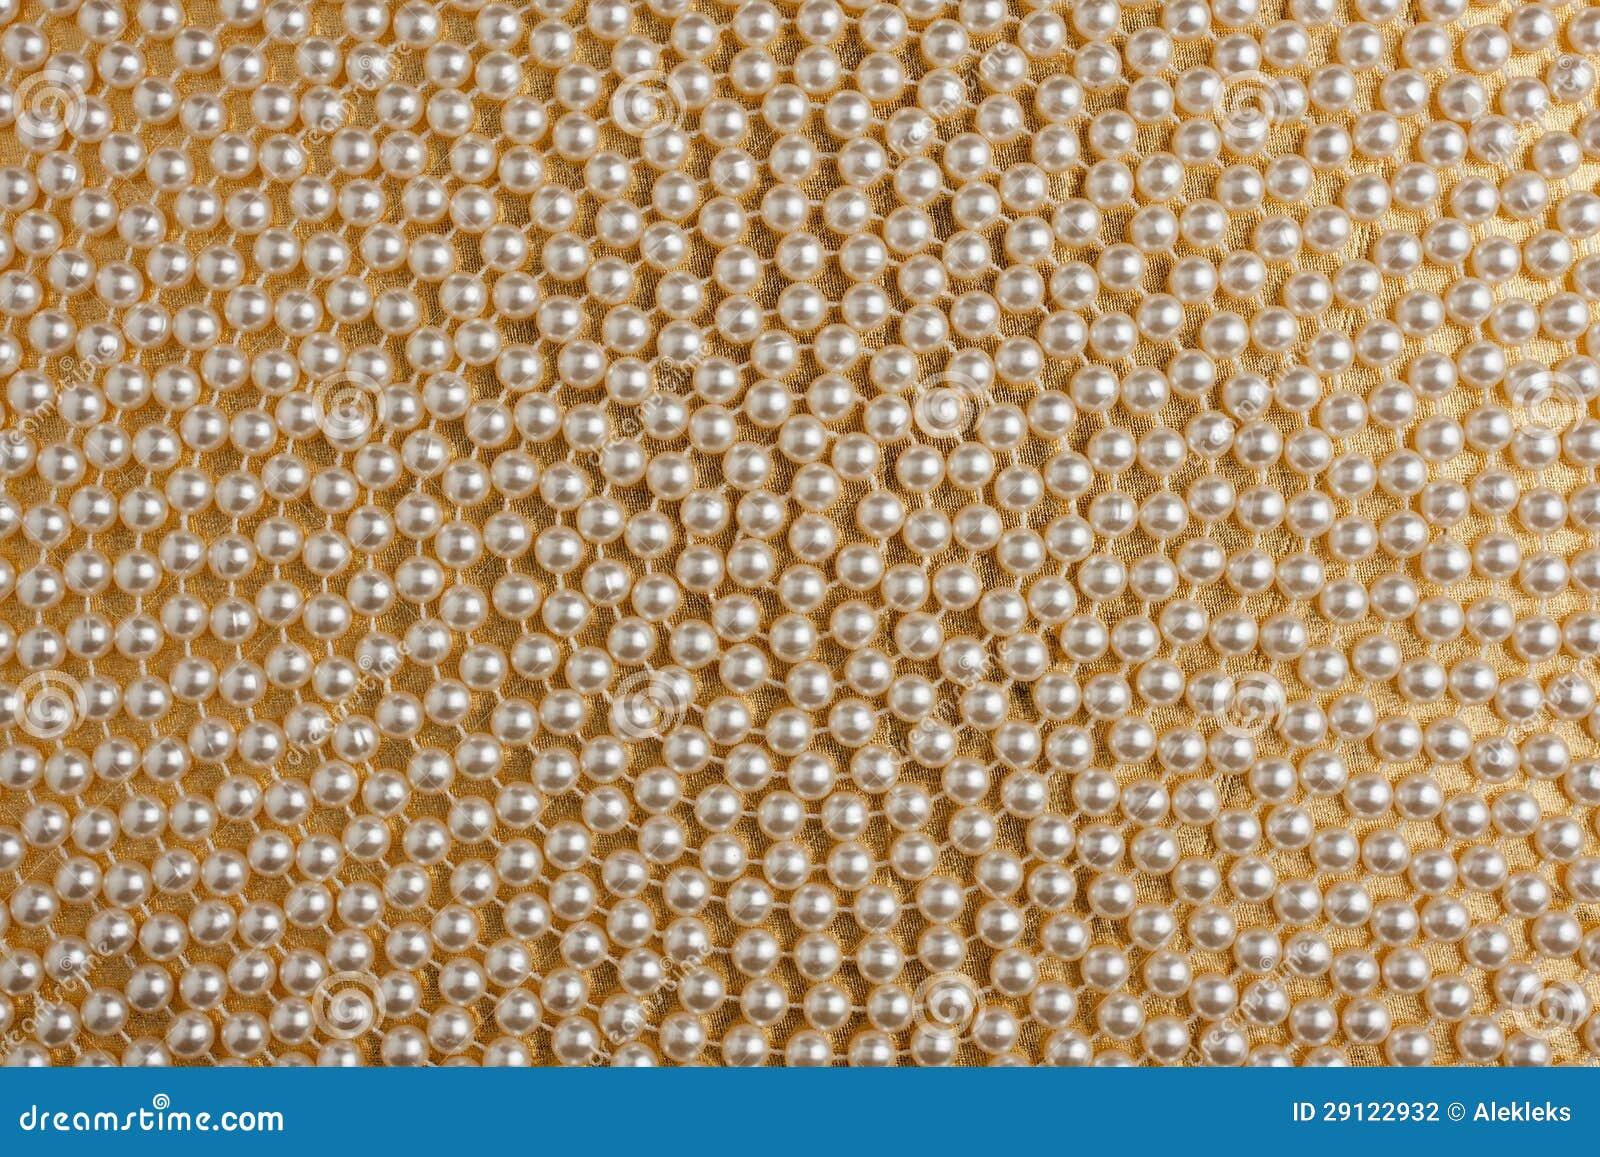 Röra sig i spiral av vit pryder med pärlor